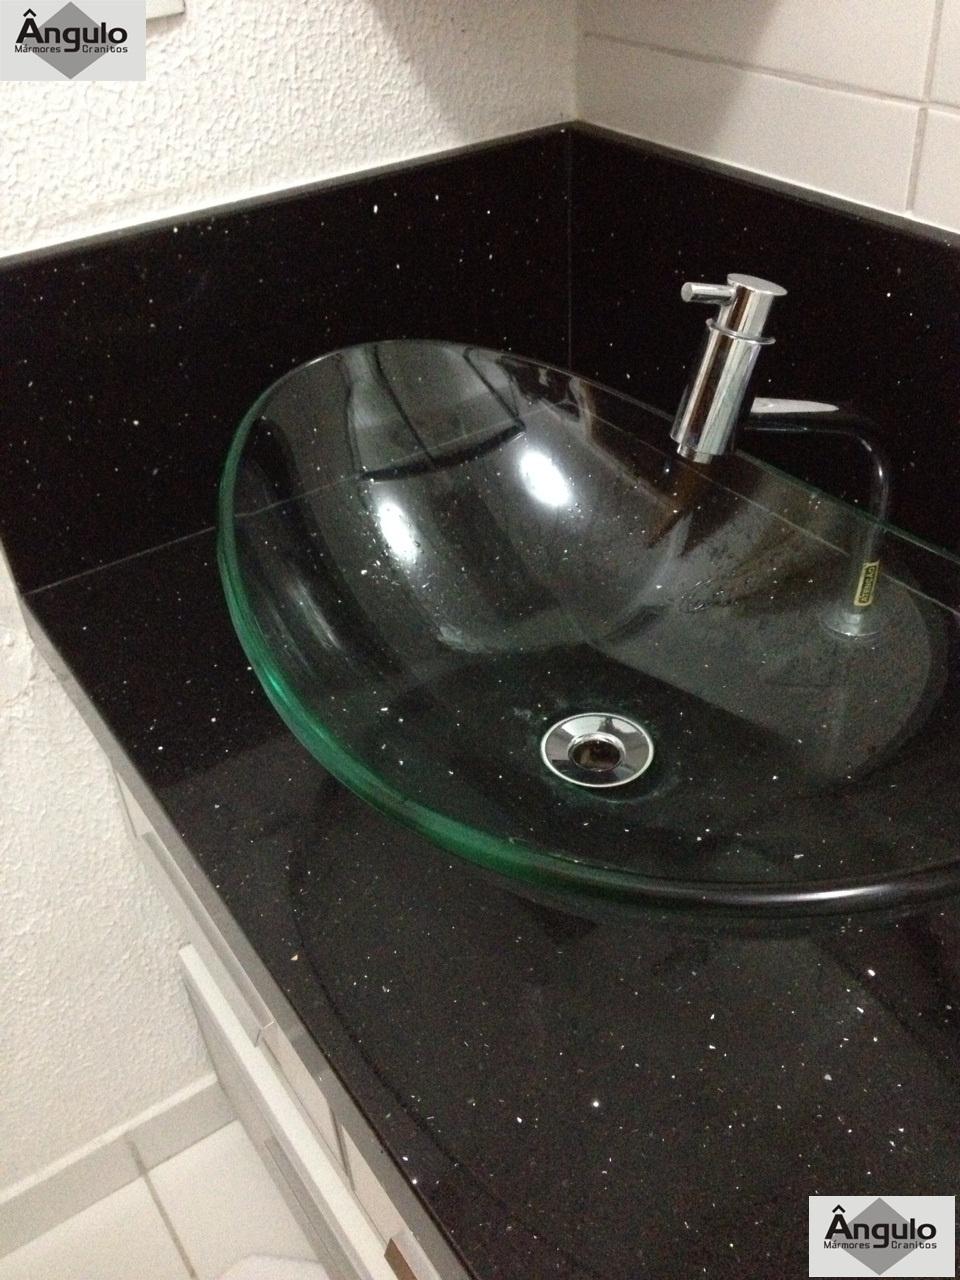 Ângulo Mármores e Granitos Bancada de Banheiro em Silestone Negro Stelar -> Cuba De Vidro Para Banheiro Suja Muito